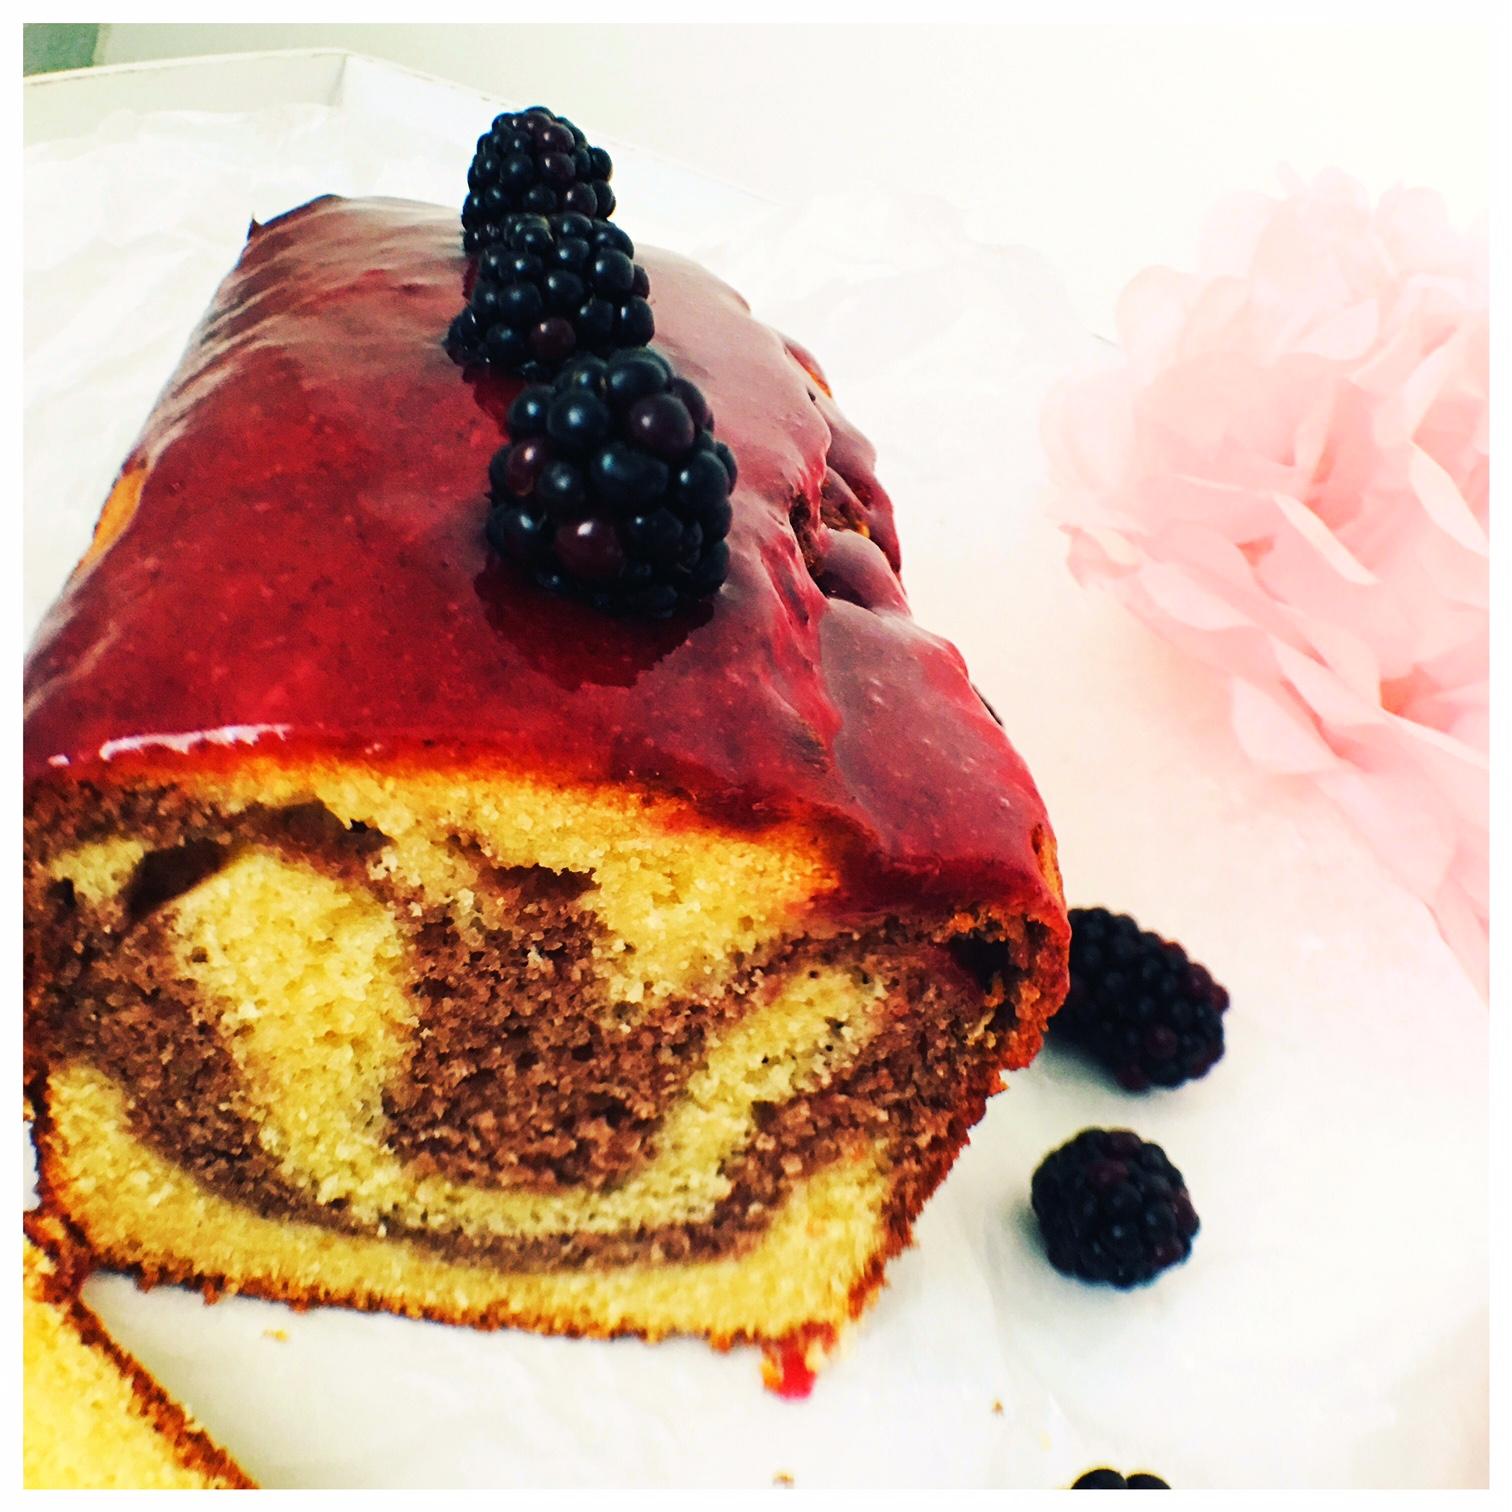 marmor, cake, Brombeeren, foodwerk.ch